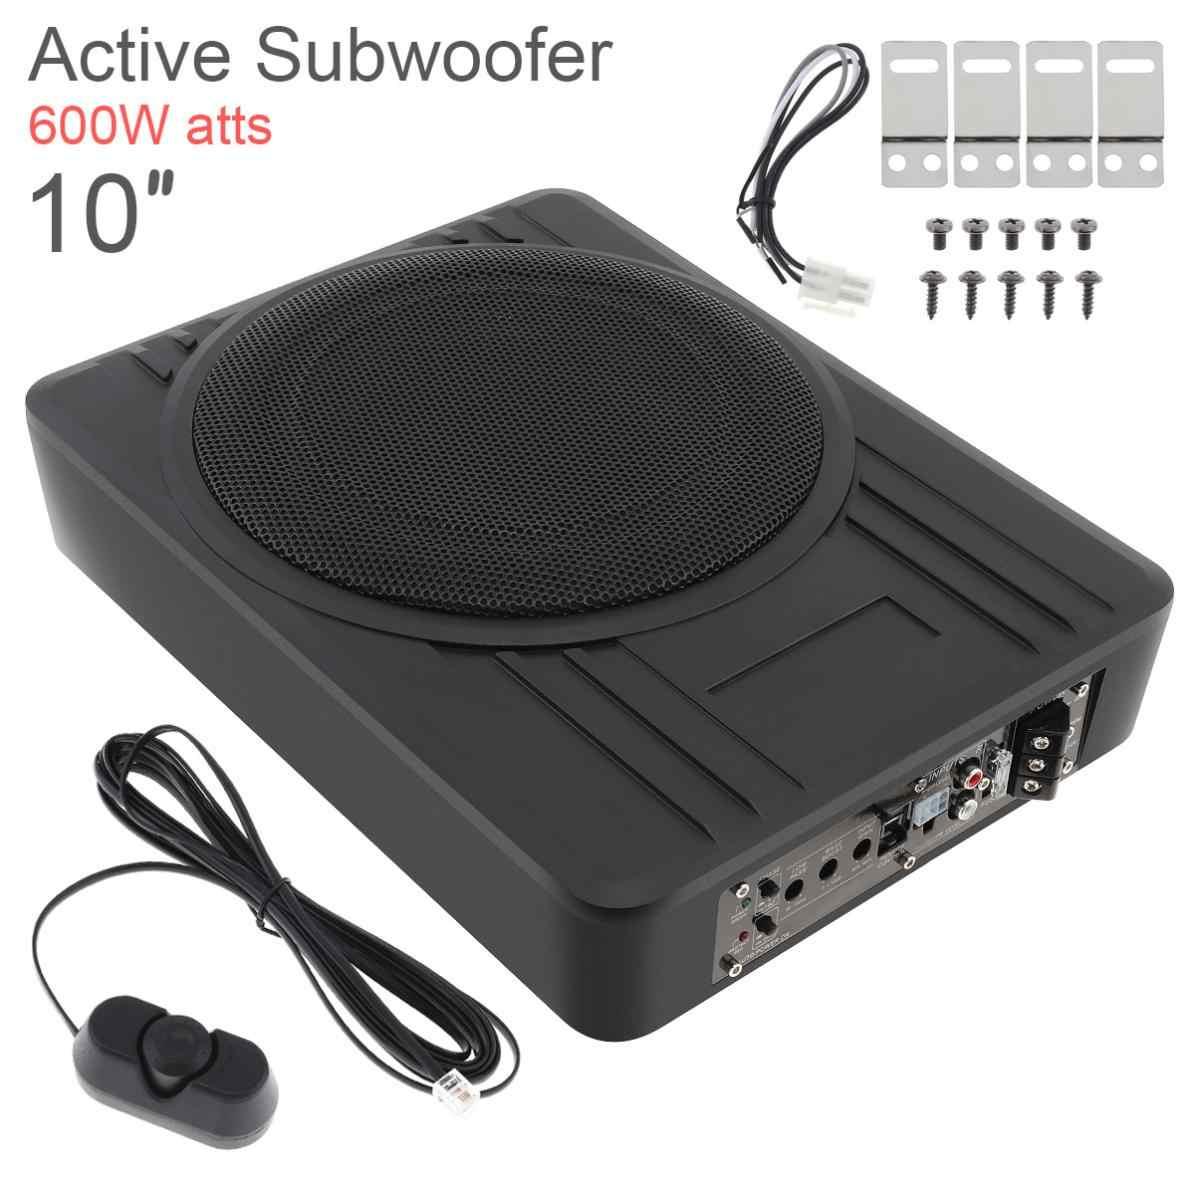 Black Universal 10 Inch 12V Fuselage Slim 600W Slim Under Seat Car Active Subwoofer Bass Amplifier Speaker